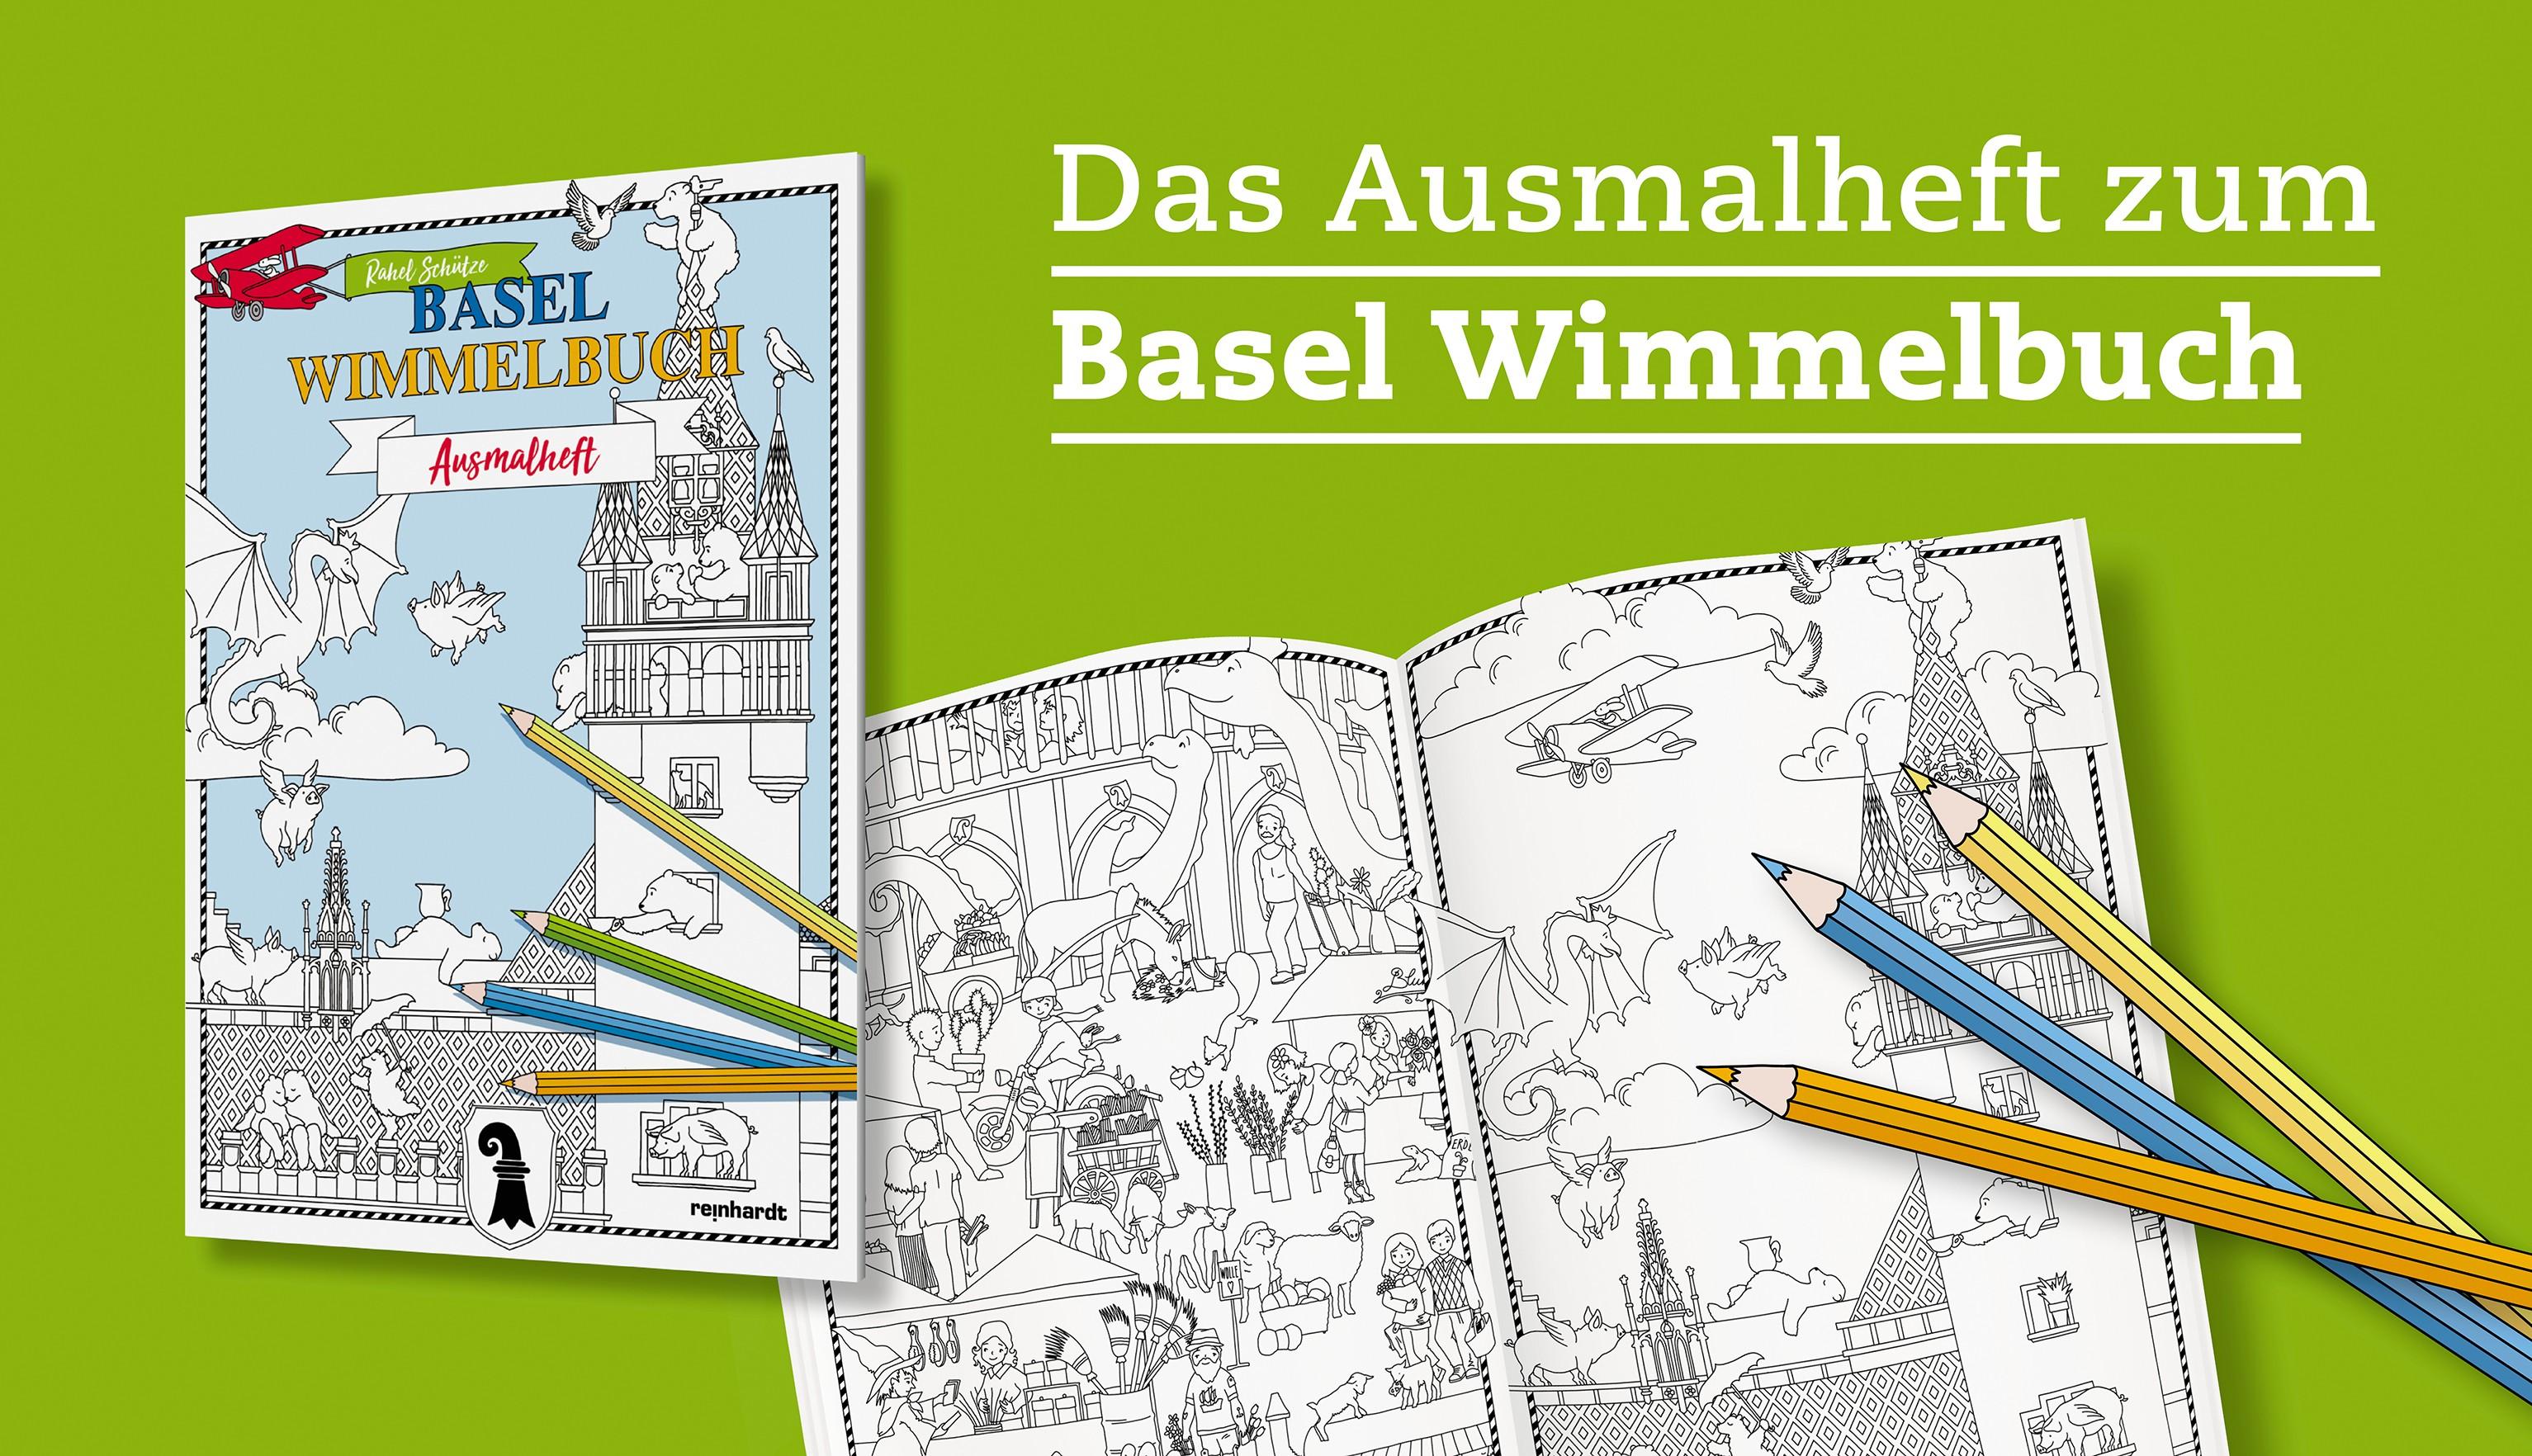 Wimmelbuch - Ausmalheft